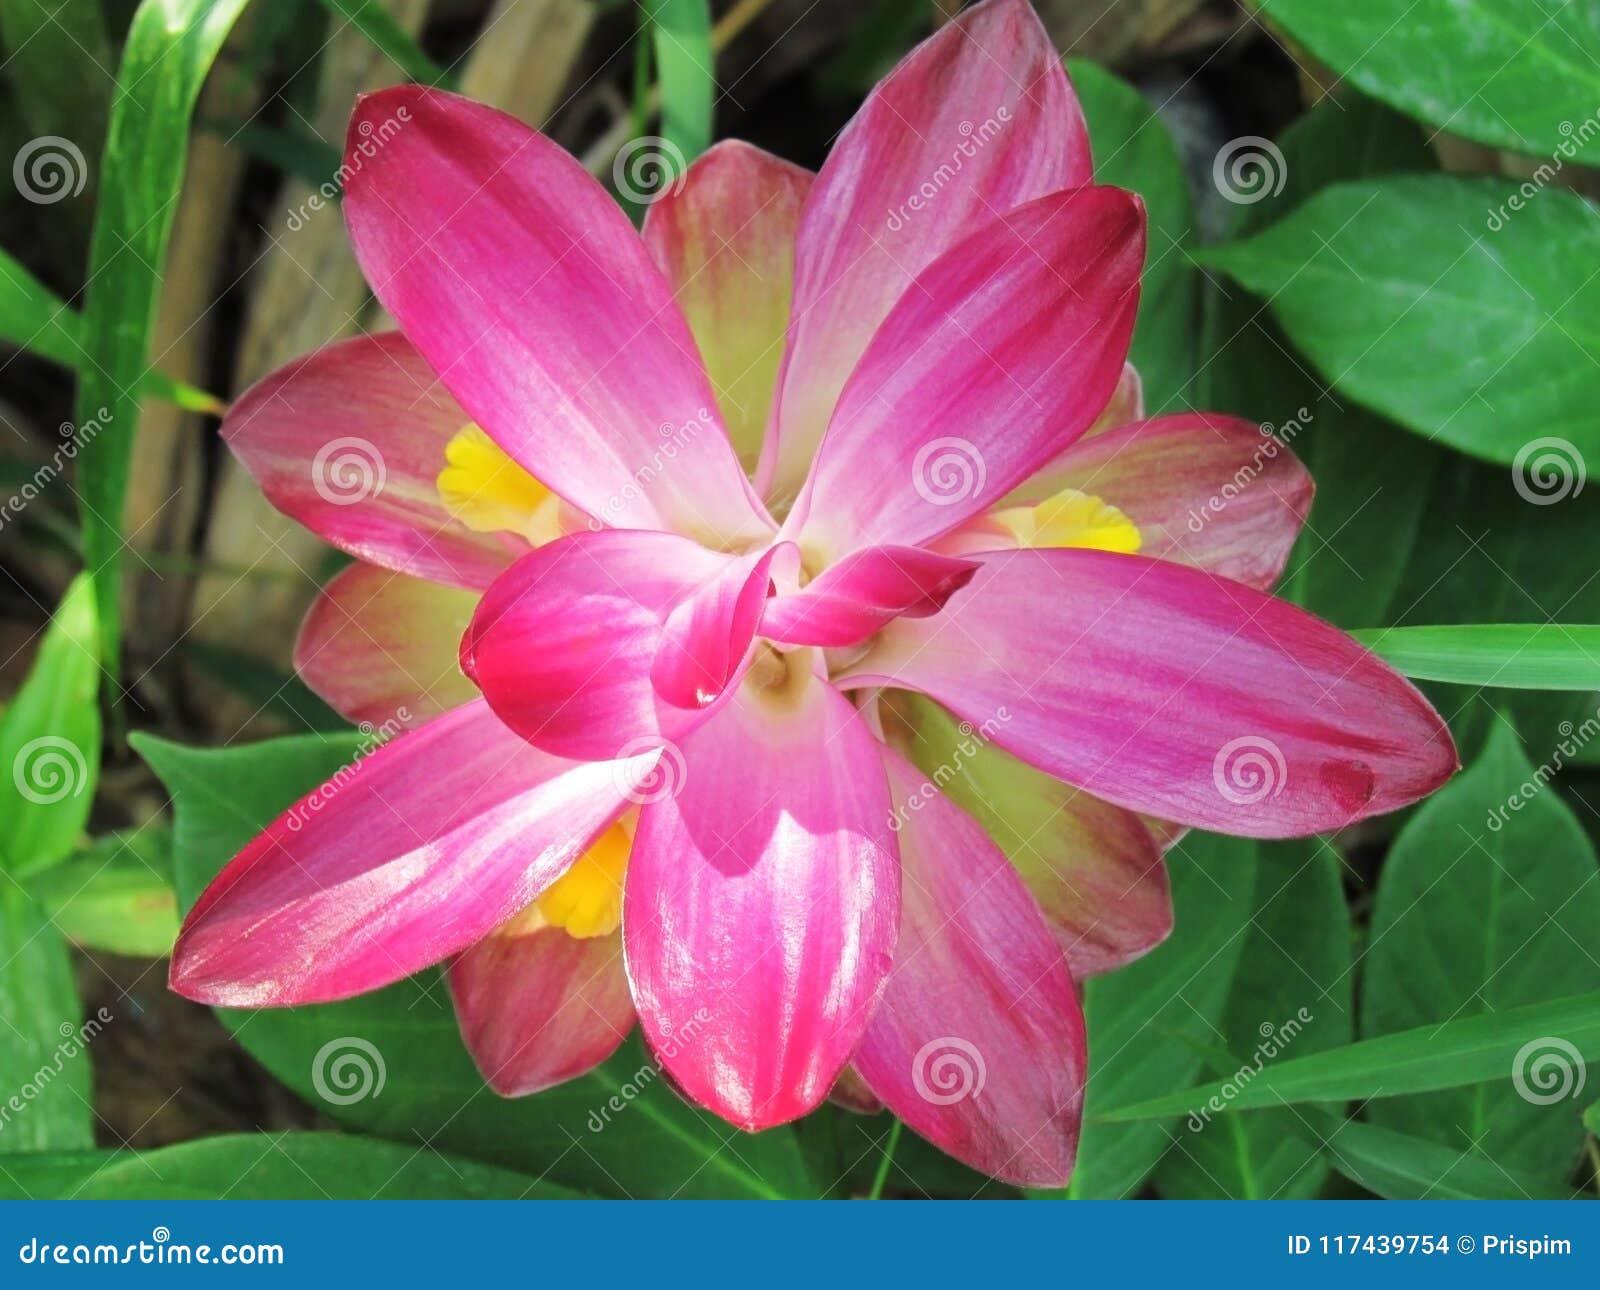 Slut upp den lösa gurkmejablomman, Curcumaaromatica Salisb Den rosa lösa gurkmejablomman har många sorter av nödvändiga oljor